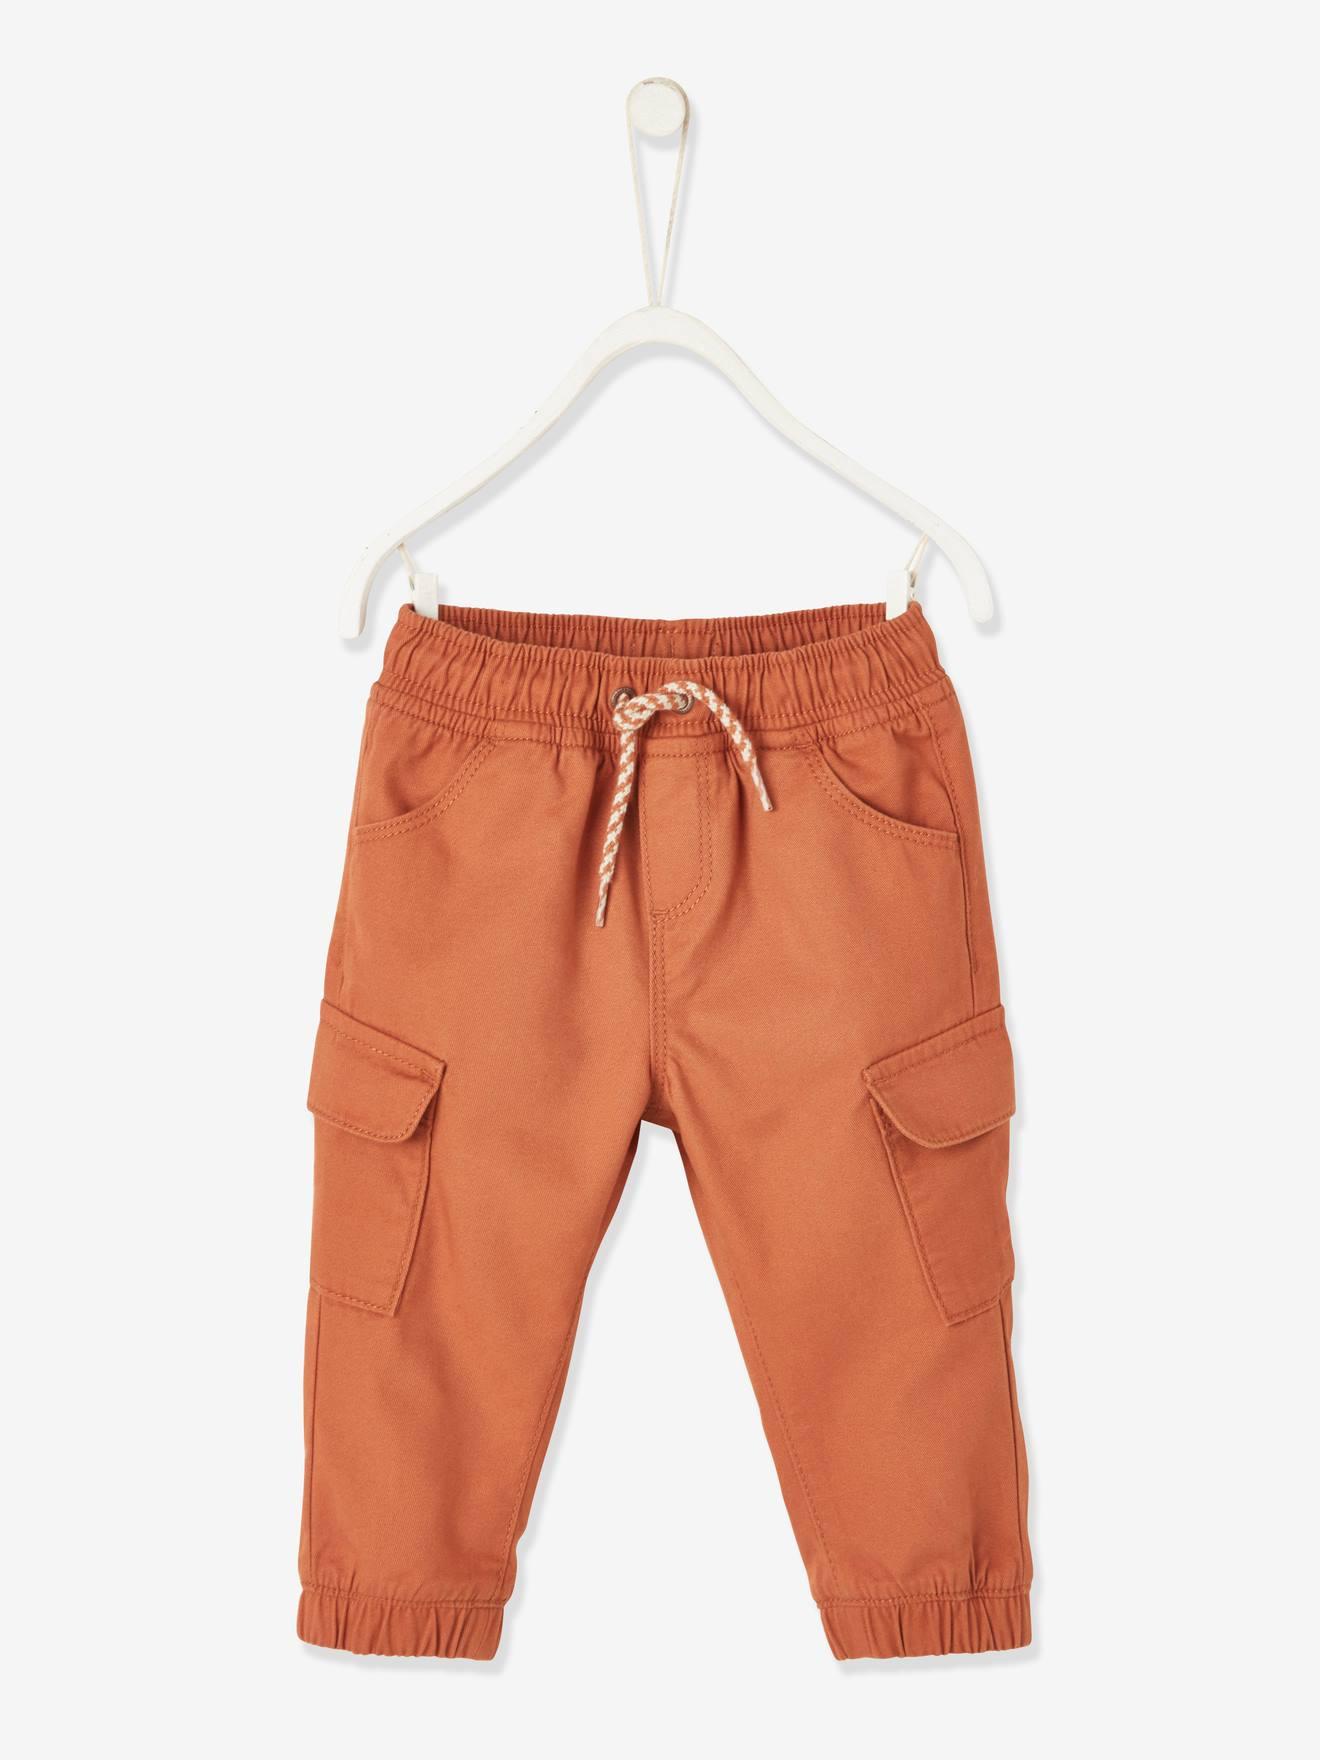 Pantalon battle bébé chamois